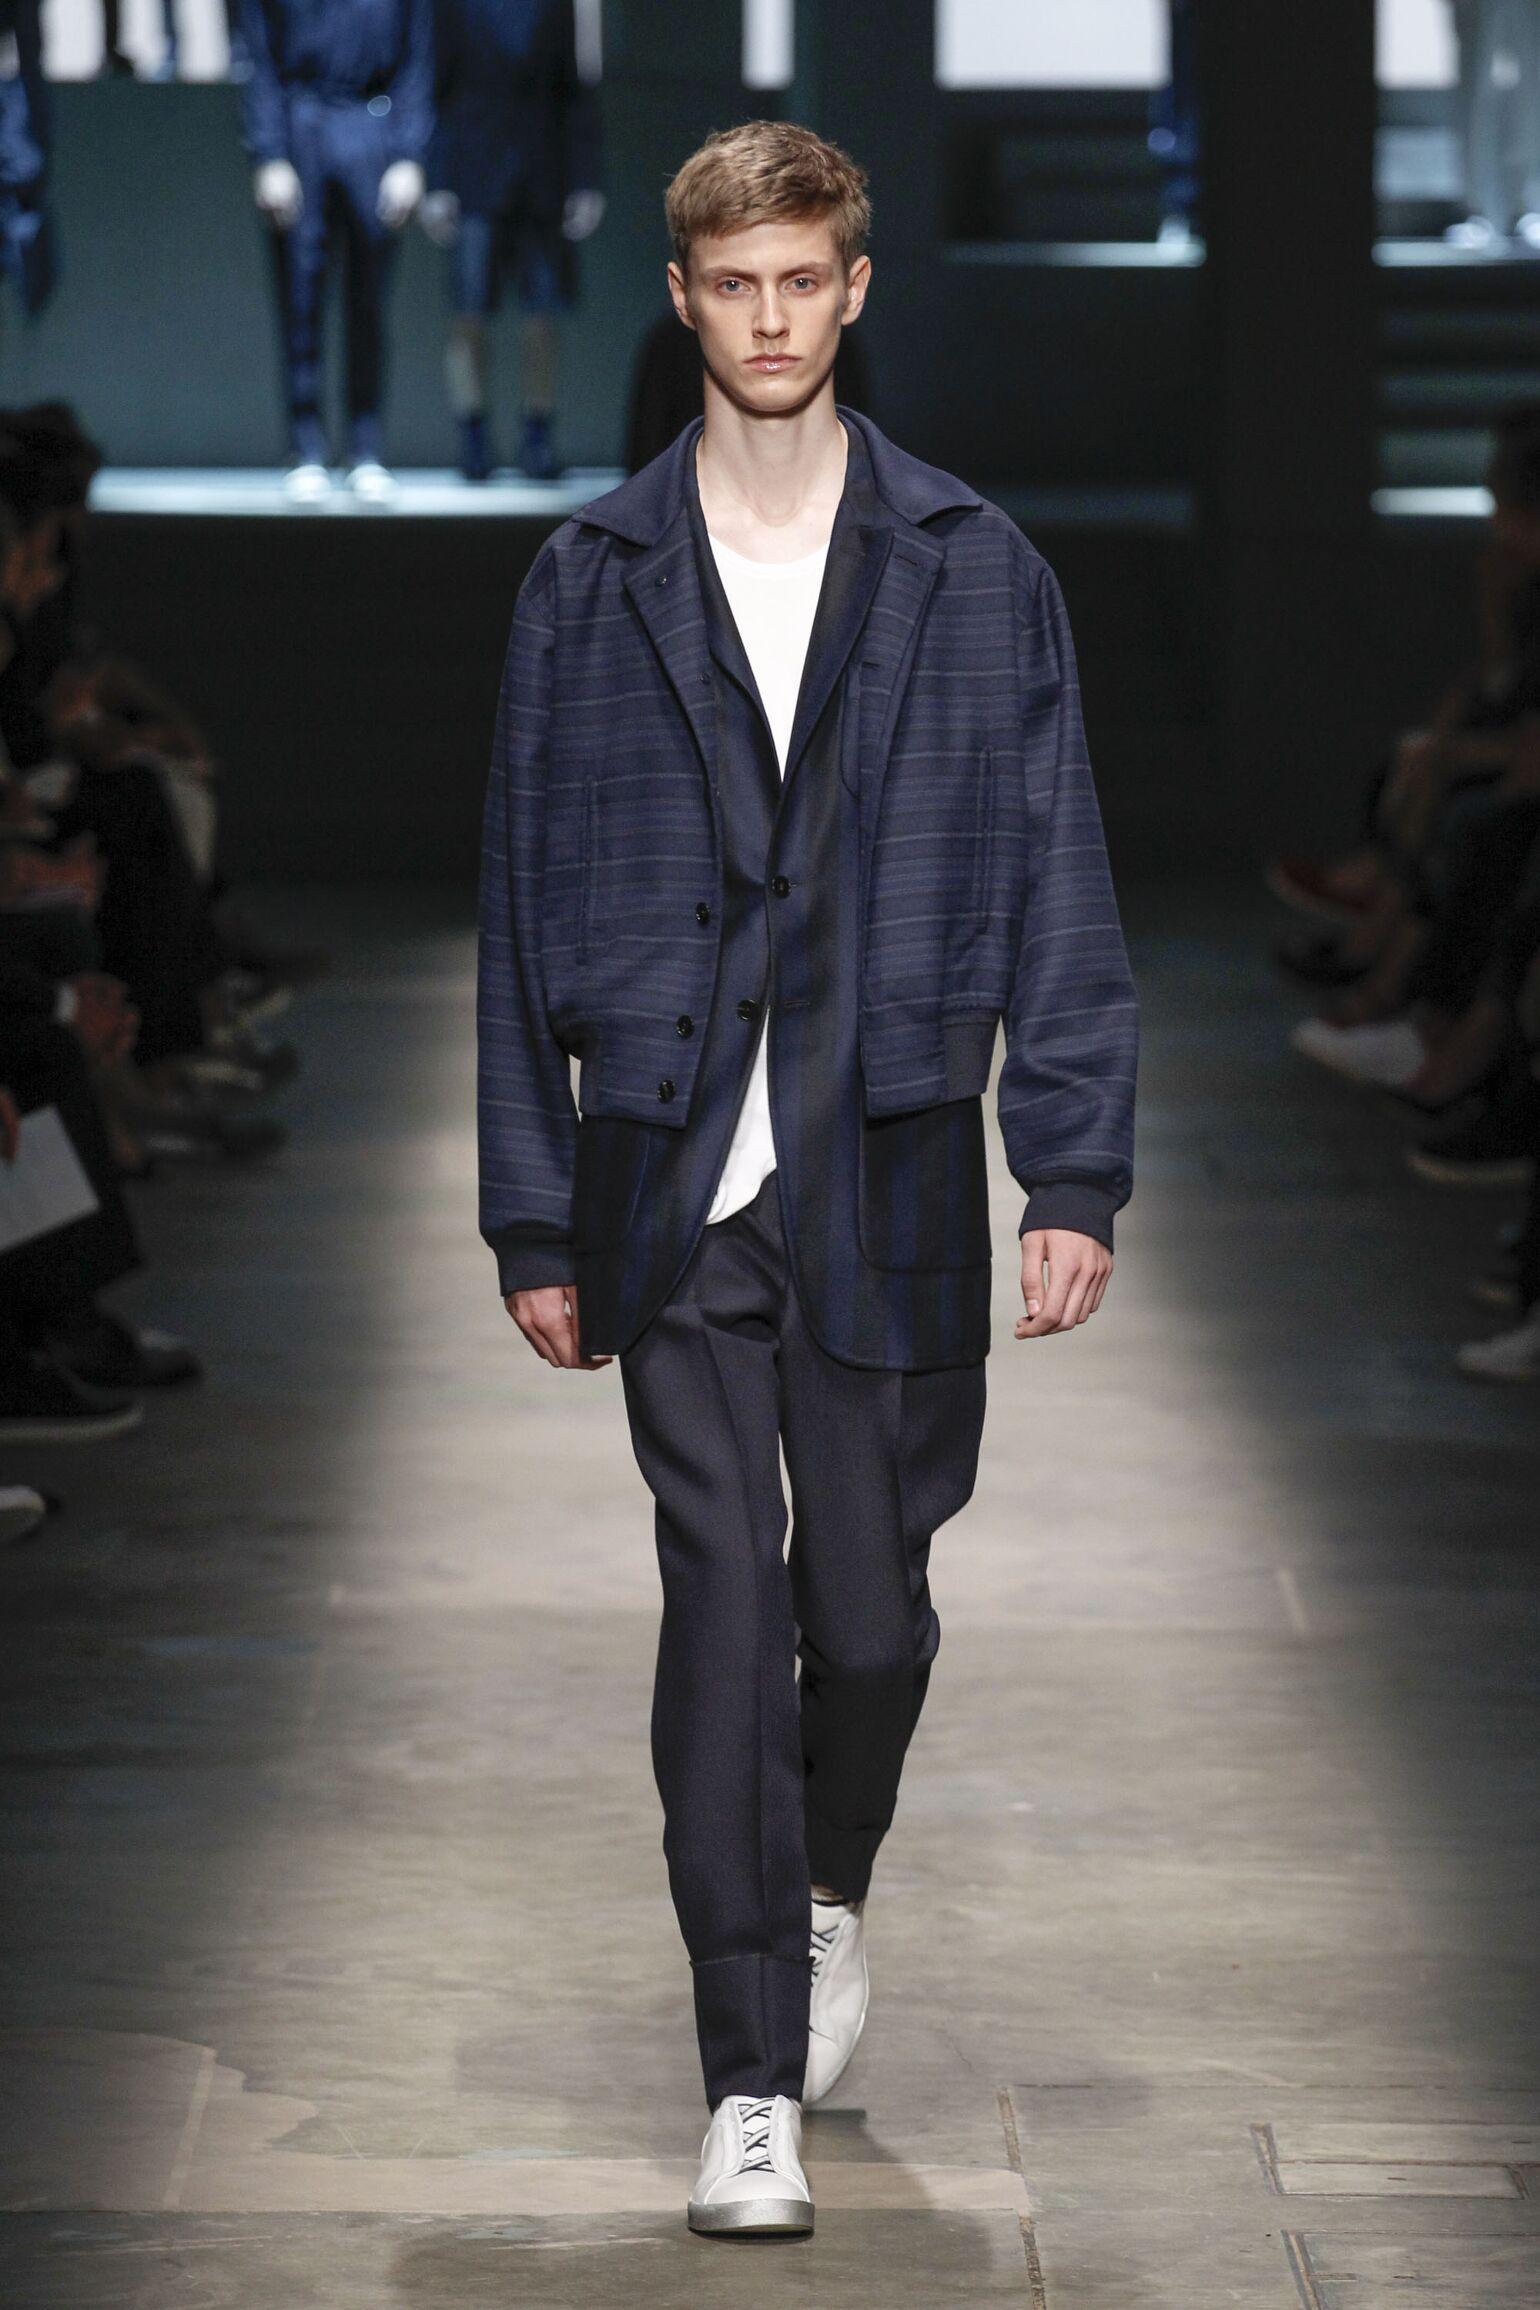 Spring 2015 Man Fashion Show Ermenegildo Zegna Couture